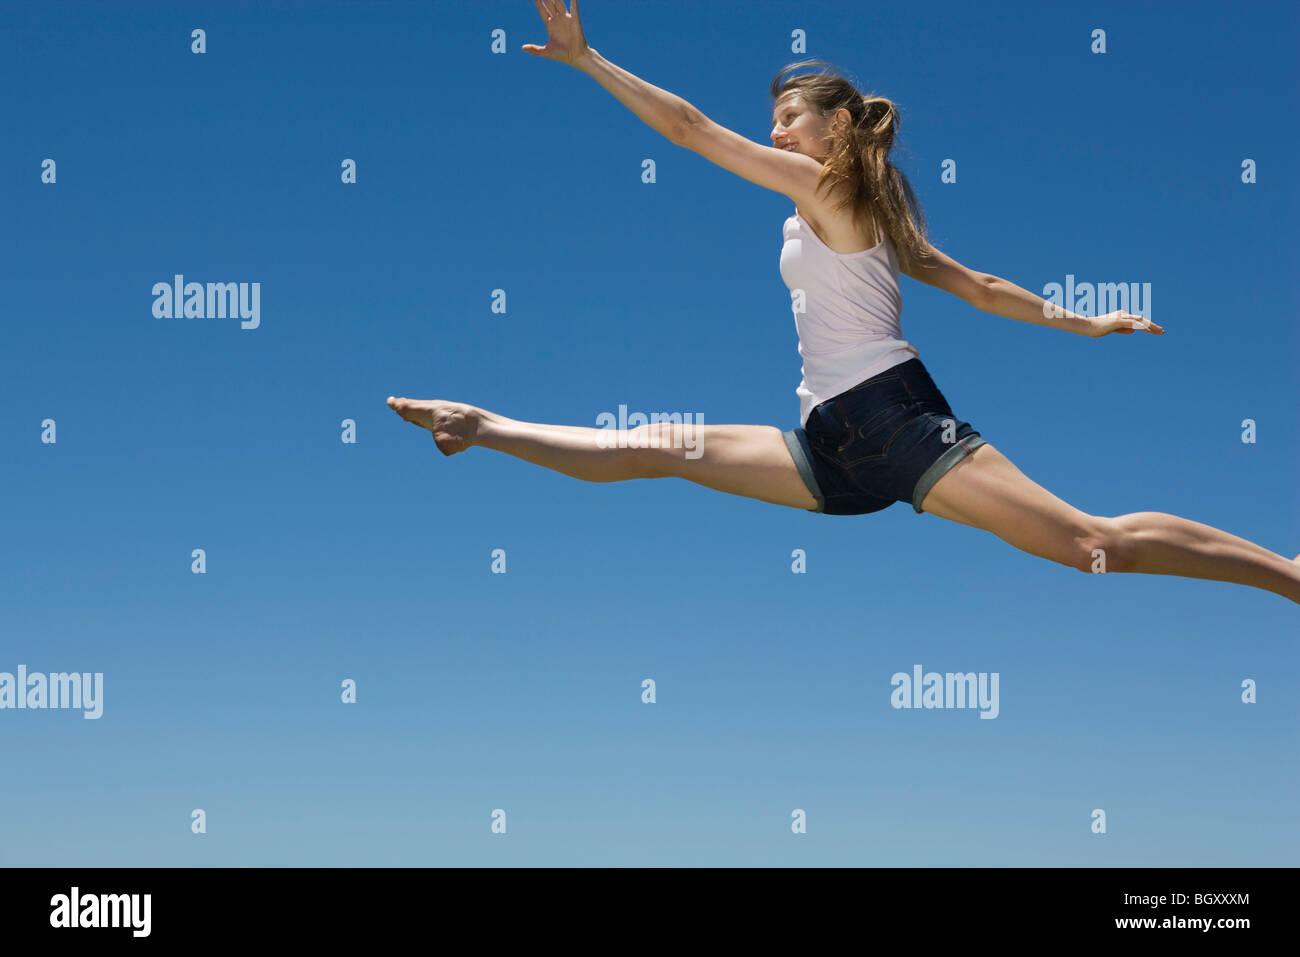 Giovane donna che saltava, midair Foto Stock